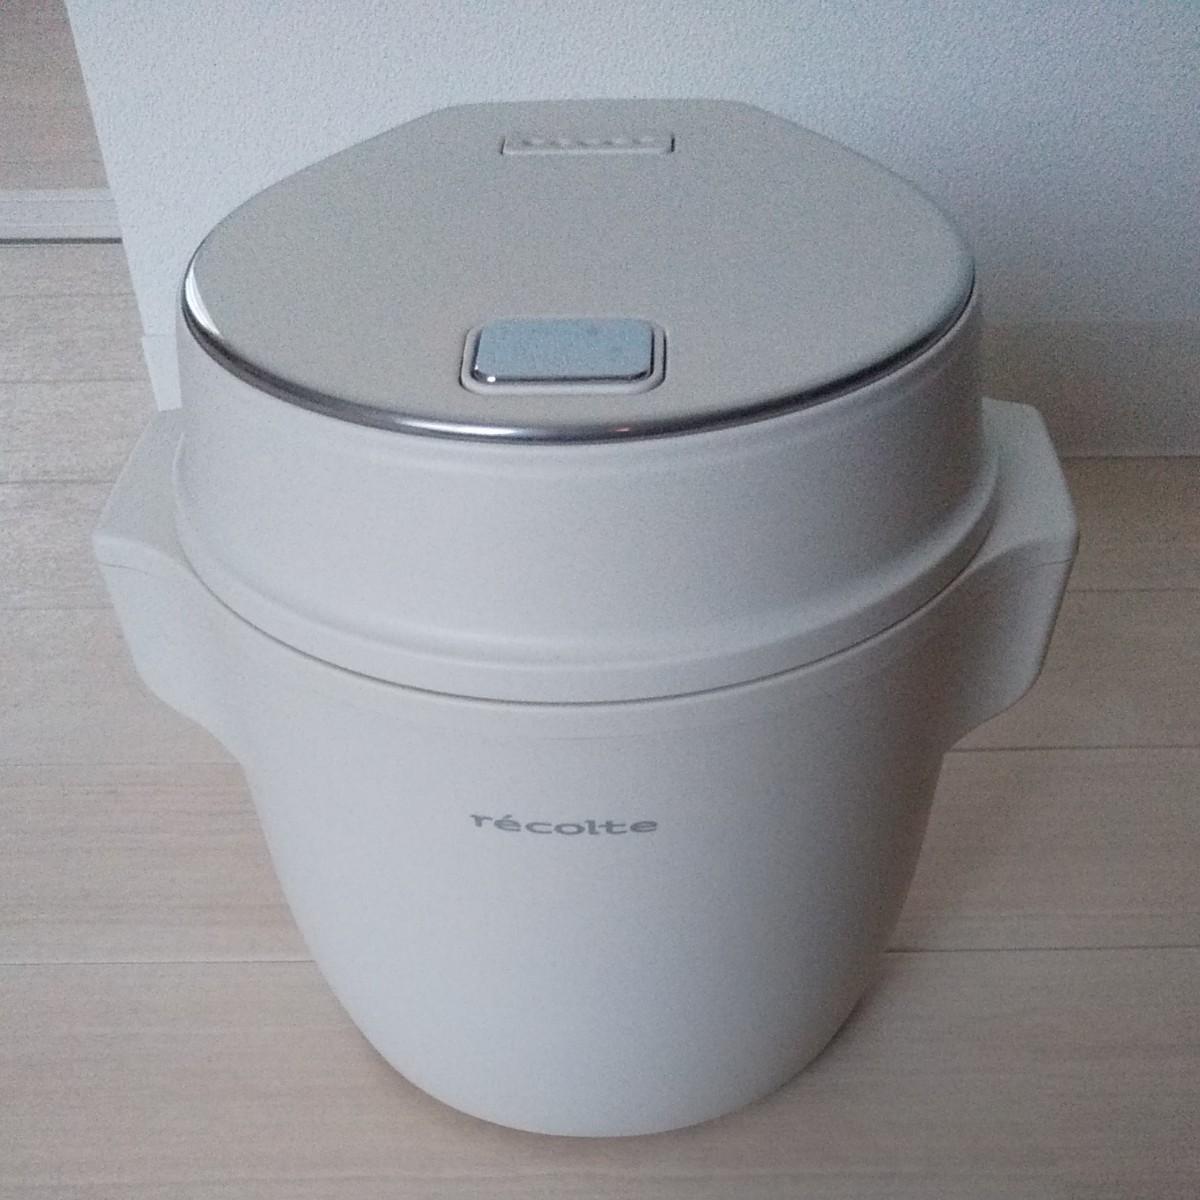 炊飯器 レコルトライスクッカー